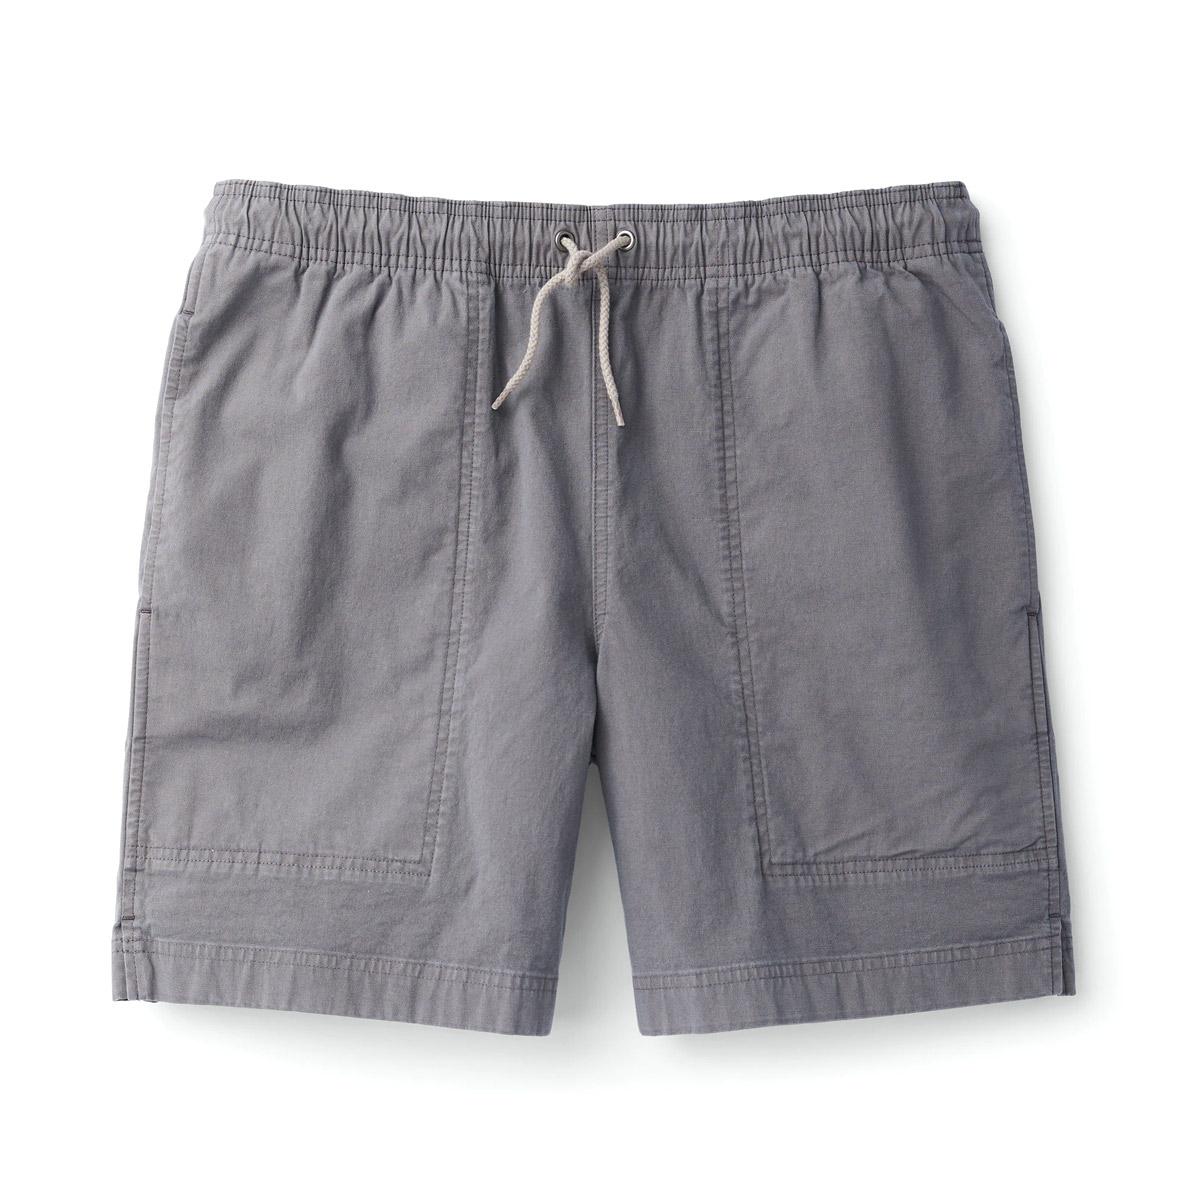 Filson Dry Falls Shorts aus strapazierfähigem Gewebe mit eingebautem Stretch - bereit für aktive Unternehmungen